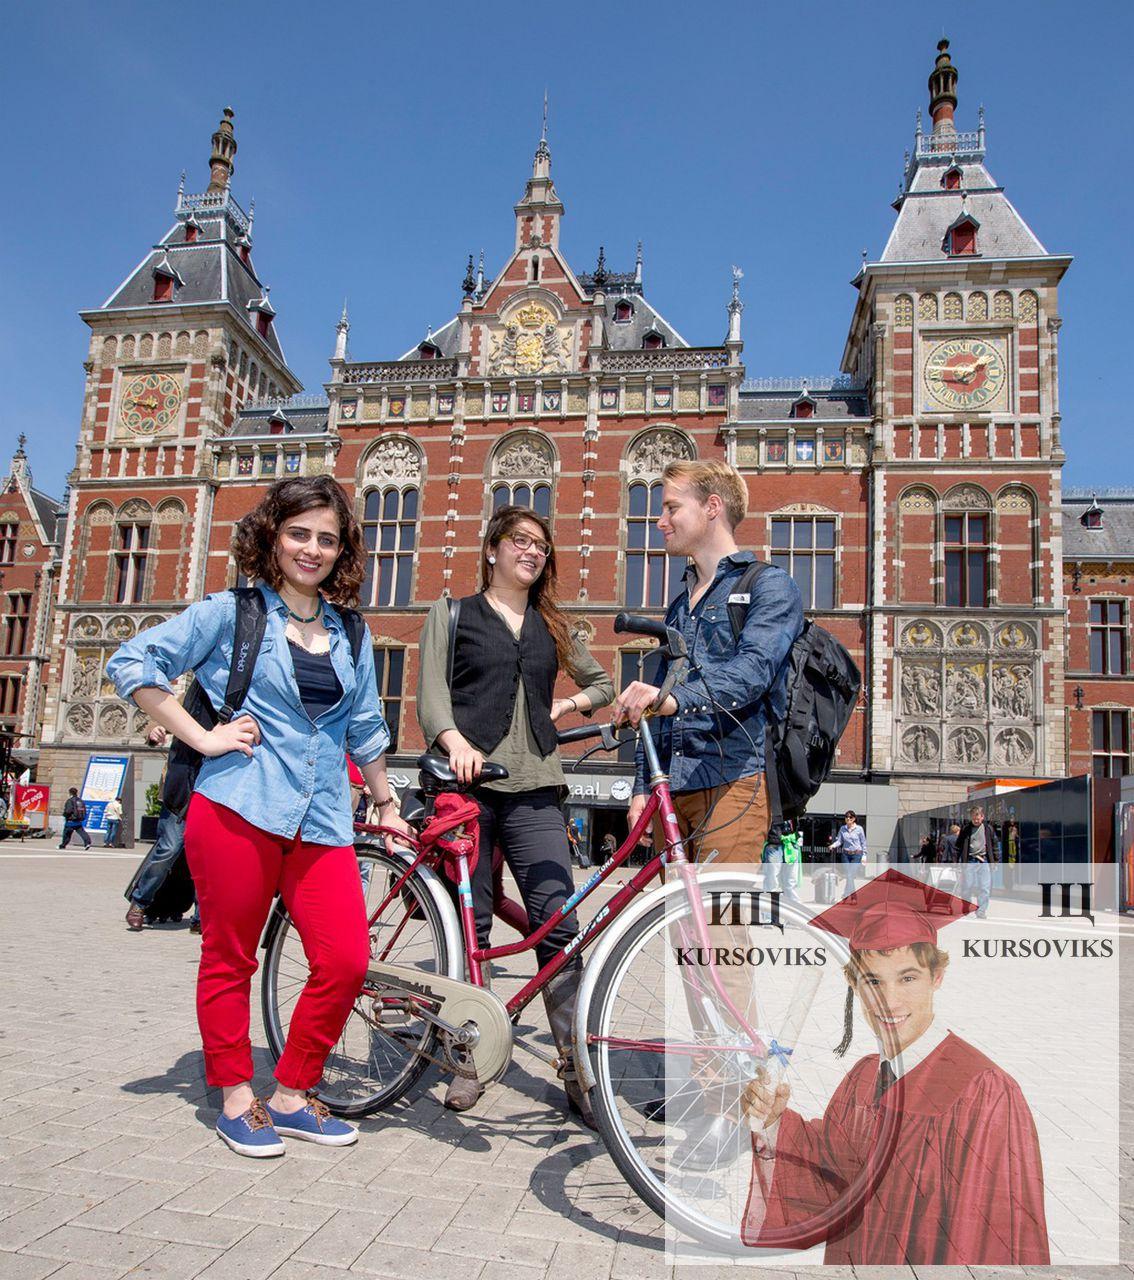 Обучение английскому языку в амстердаме фото